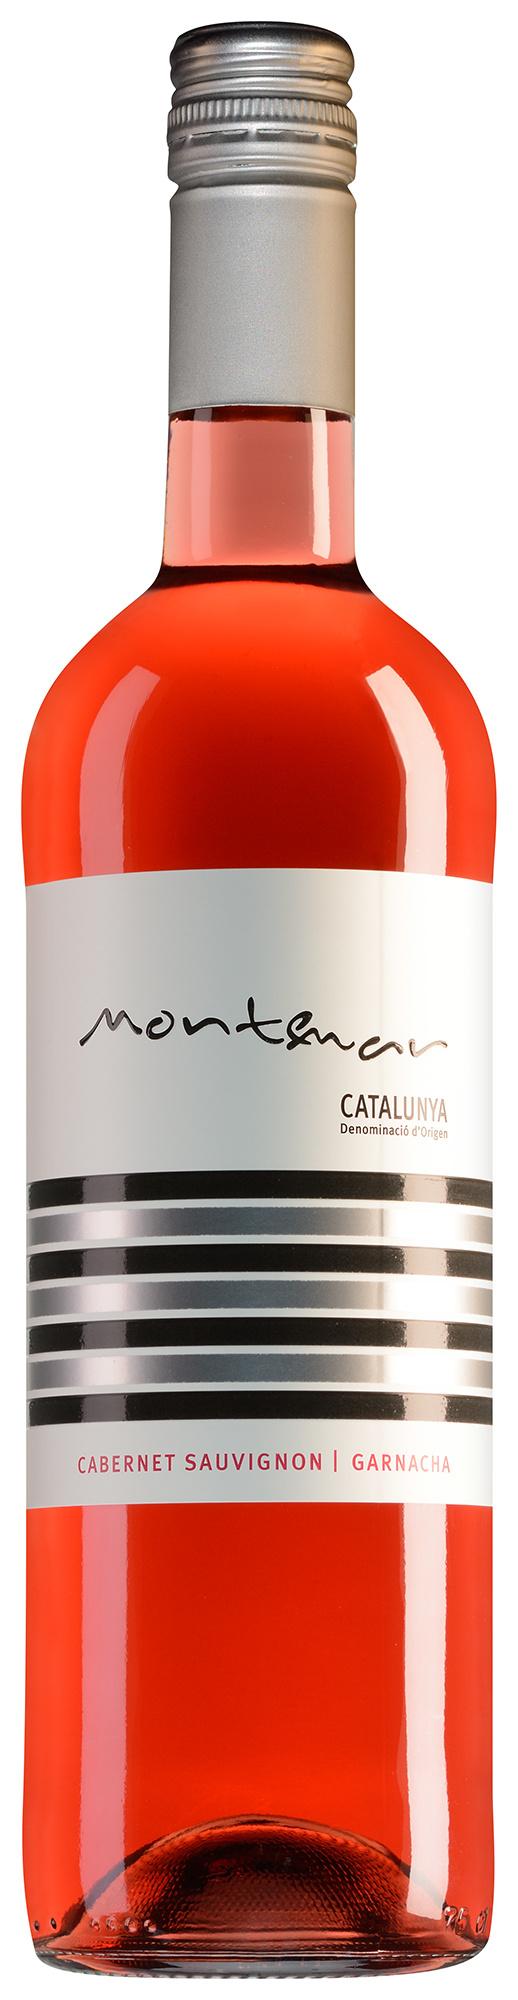 Montemar Catalunya Cabernet Sauvignon-Garnacha Rosado 2020